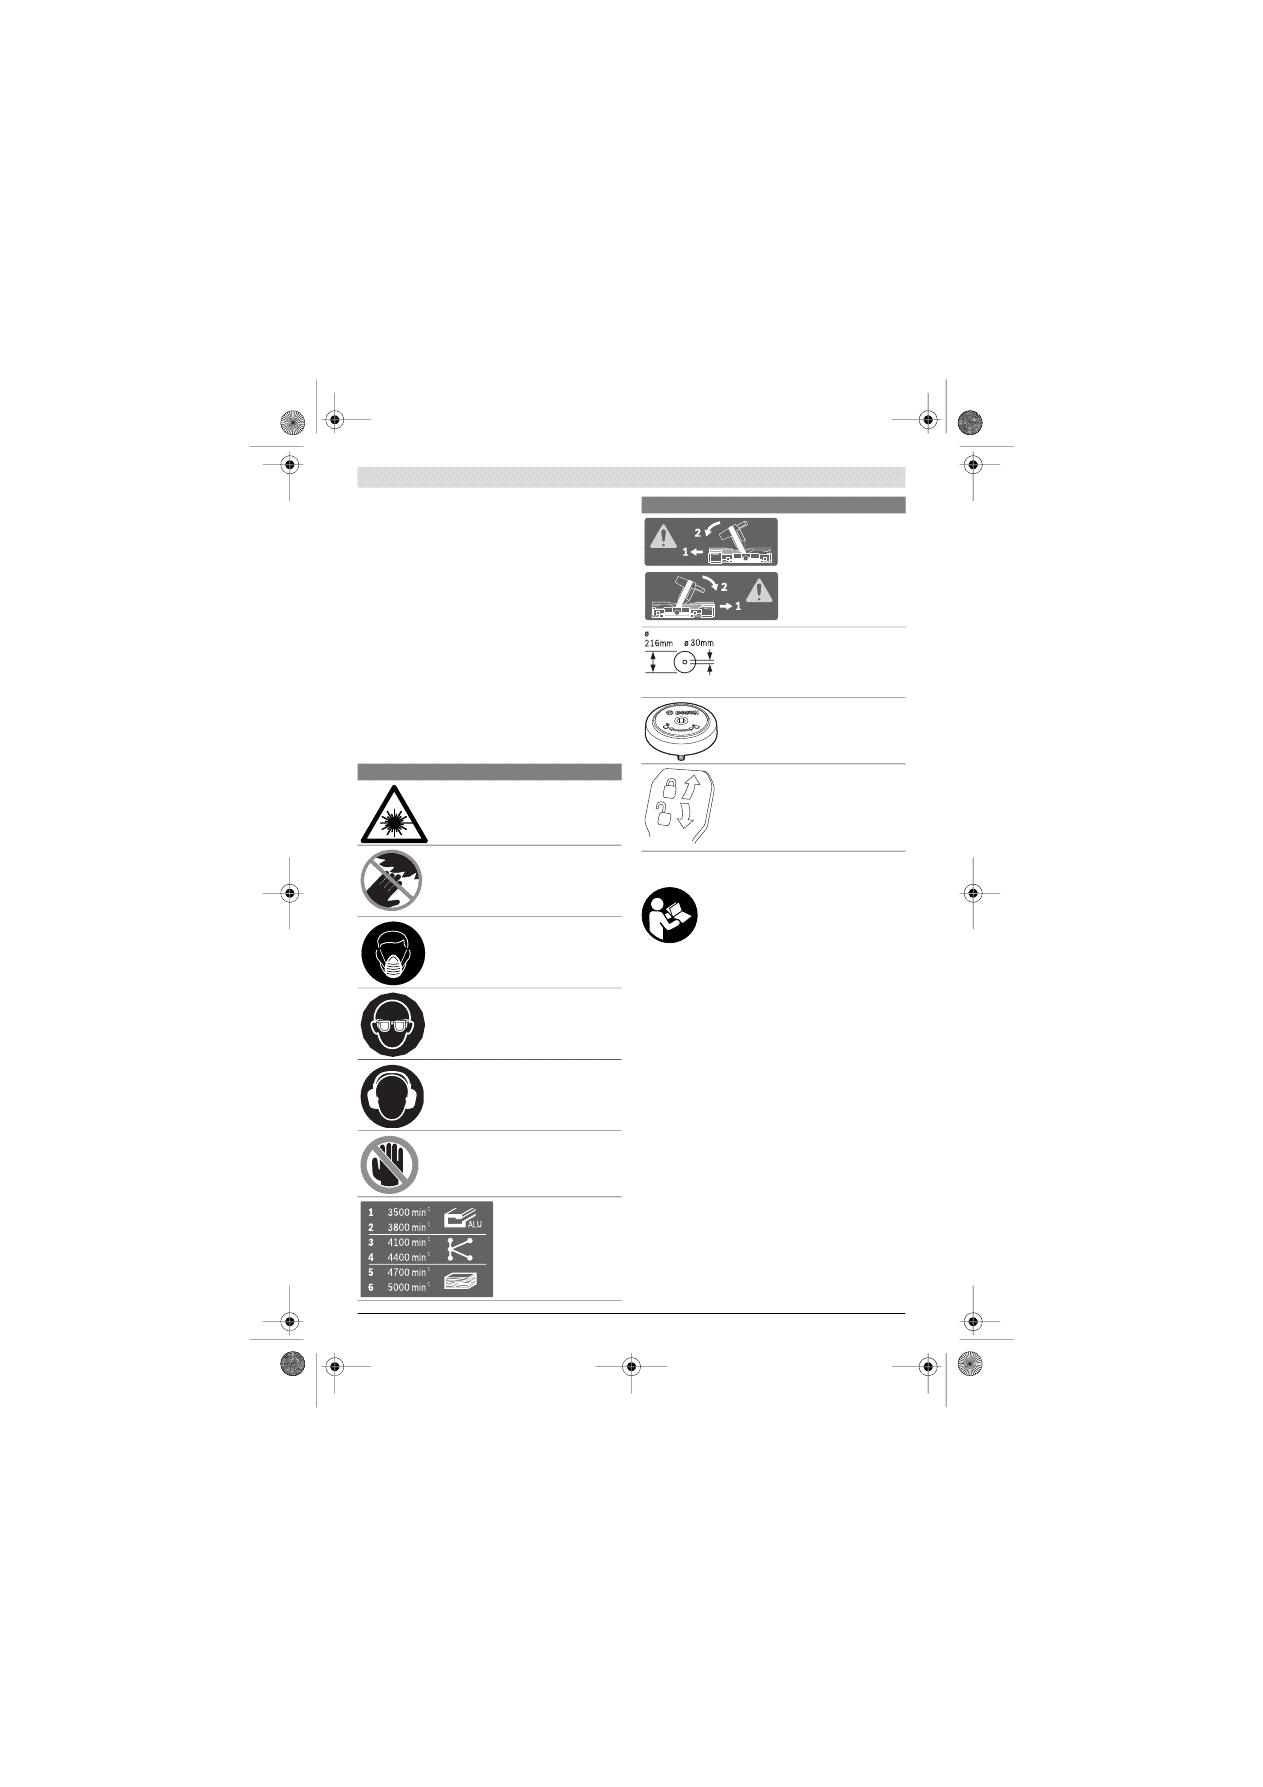 gebrauchsinformation / datenblatt zu bosch gcm 8sde elektro